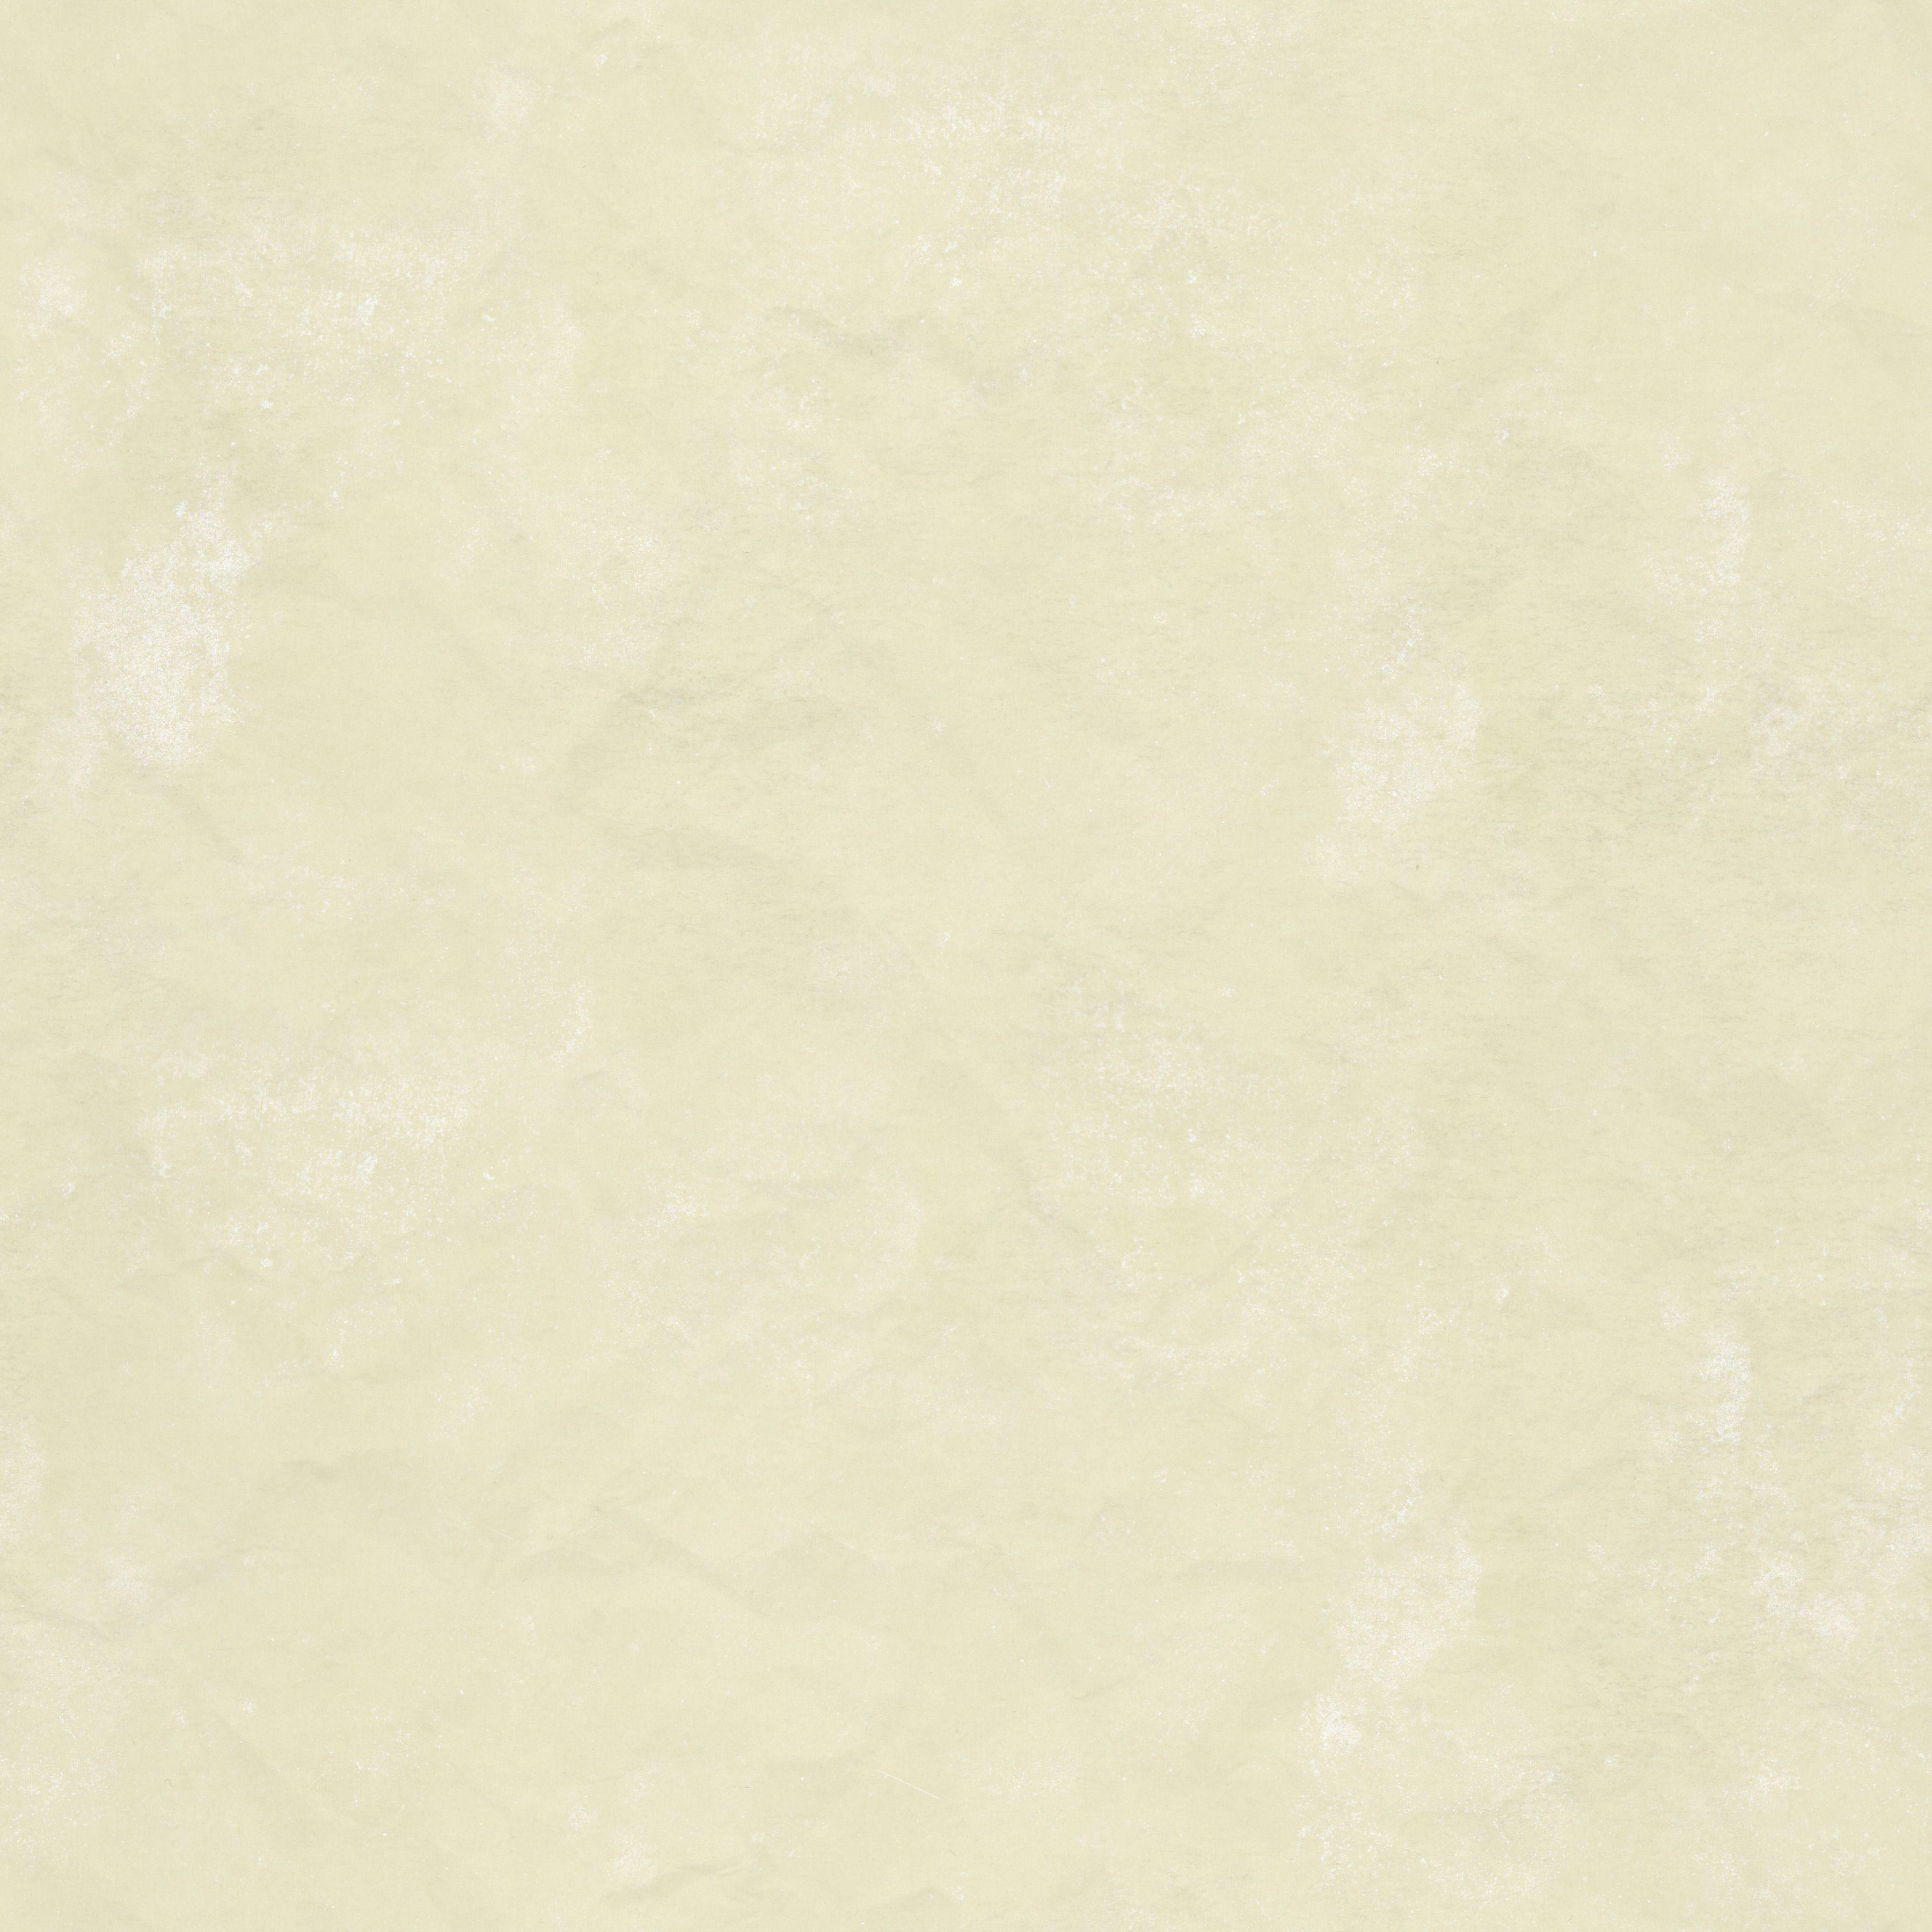 vintage-seamless-digital-scrapbooking-paper-textures-002-03.jpg ...